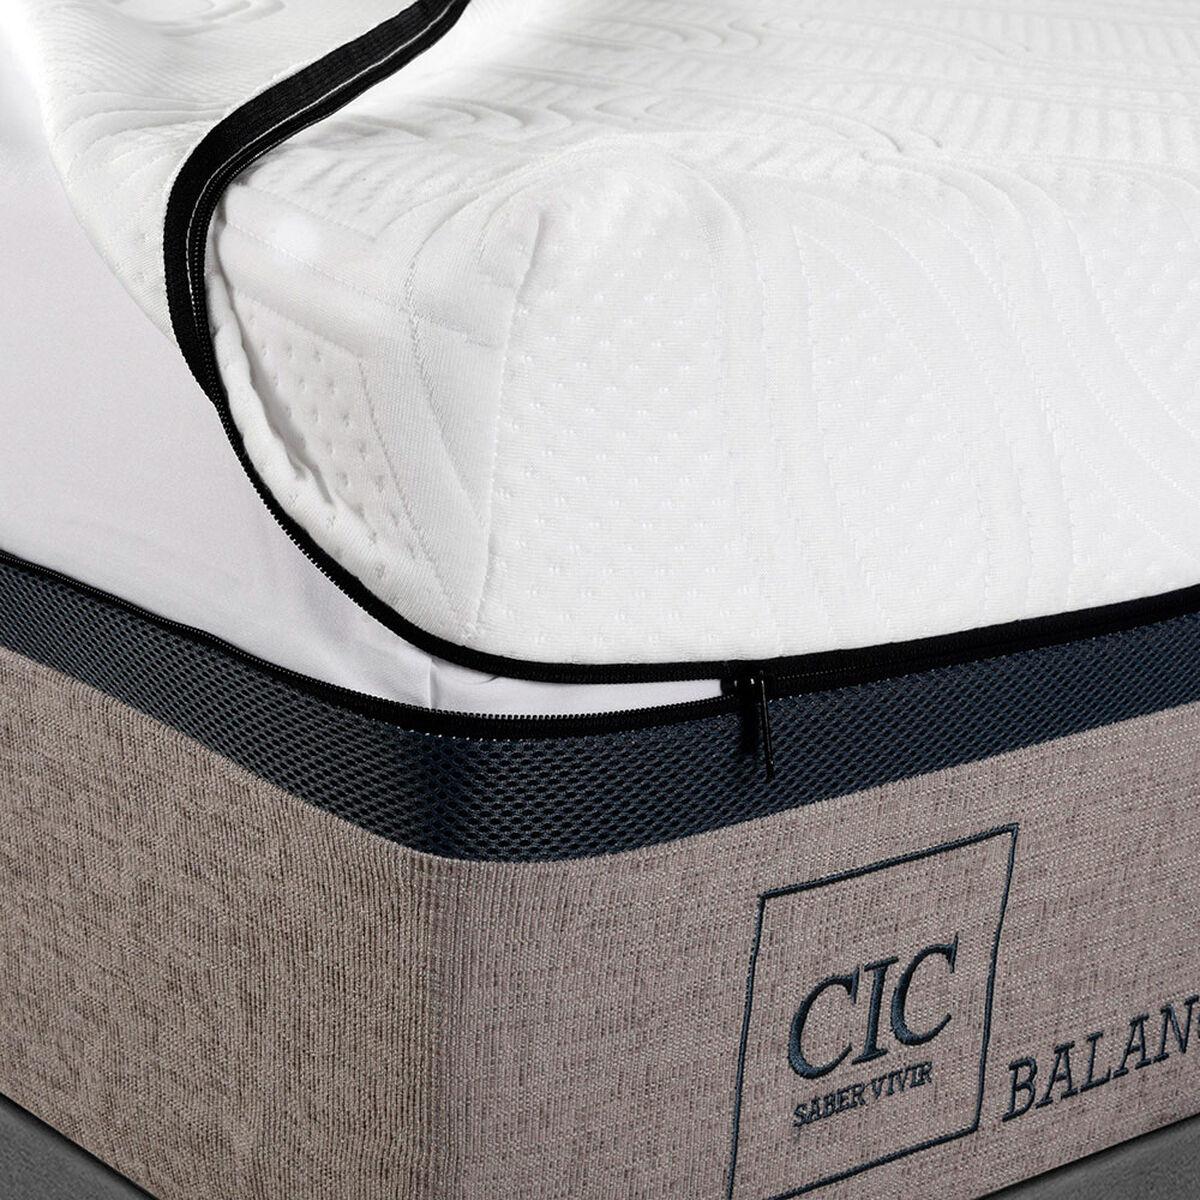 Cama Europea 2 Plazas Balance + Textil + Almohadas